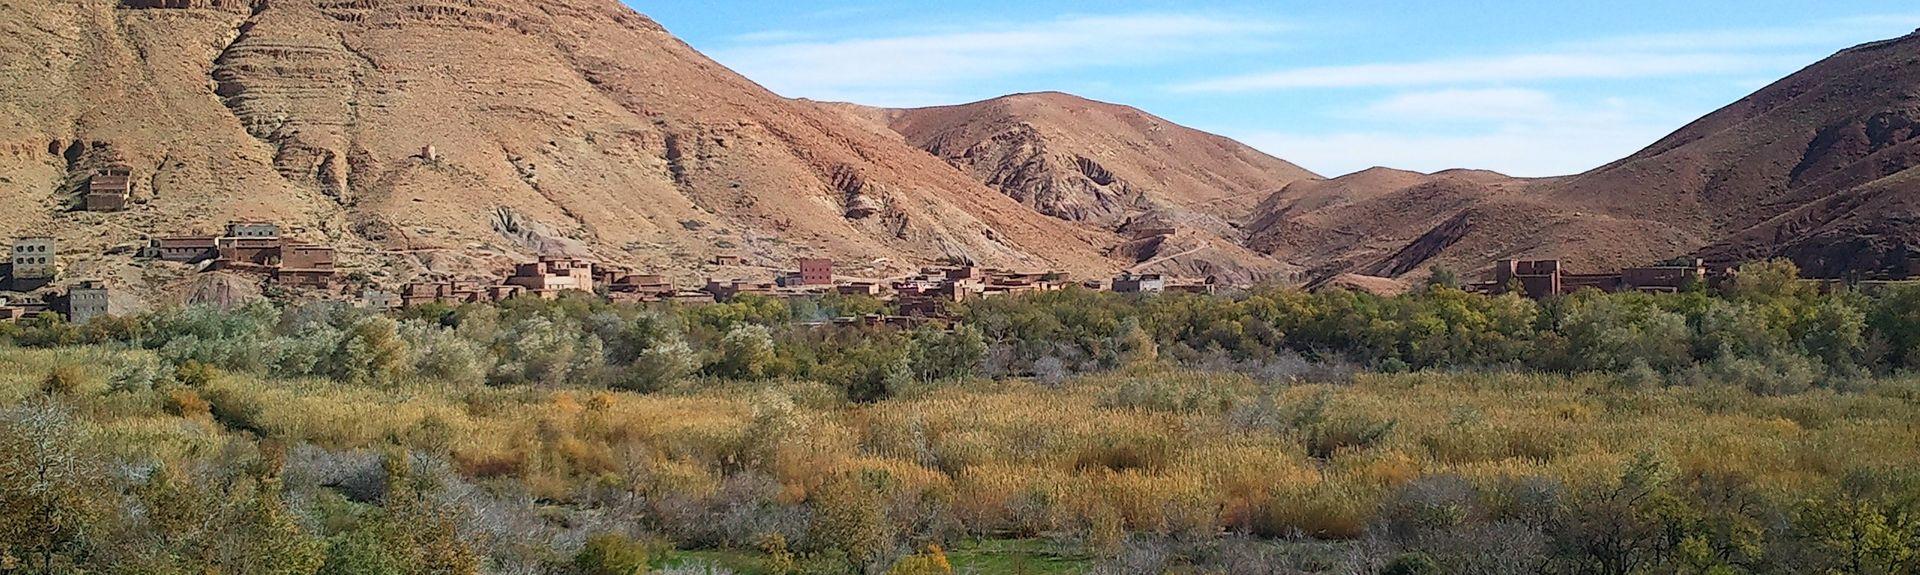 Skoura, Drâa-Tafilalet, Morocco